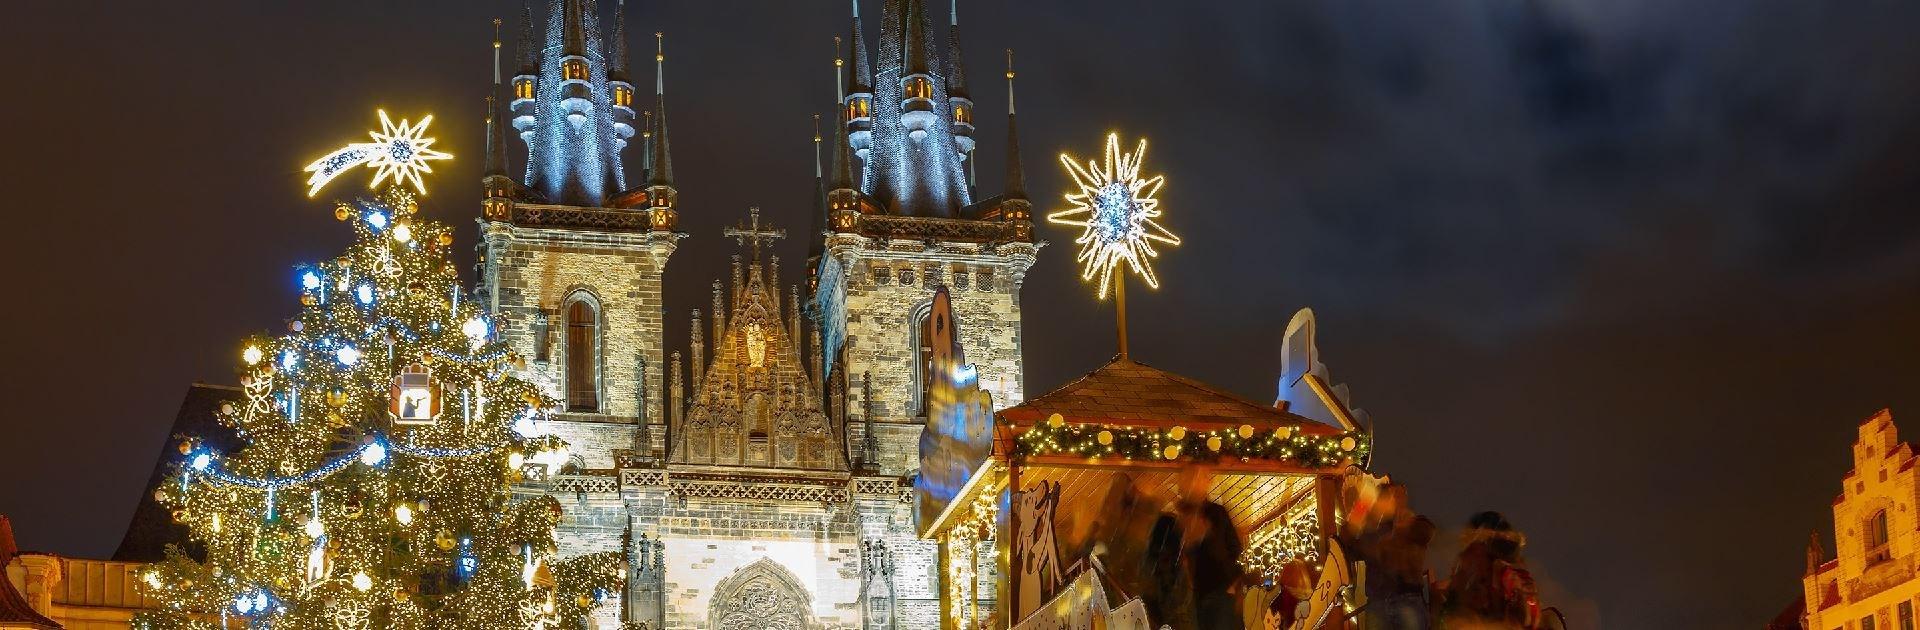 magicalchristmasmarkets_CZECHREPUBLIC_Prague_ss_446259364_hero.jpg